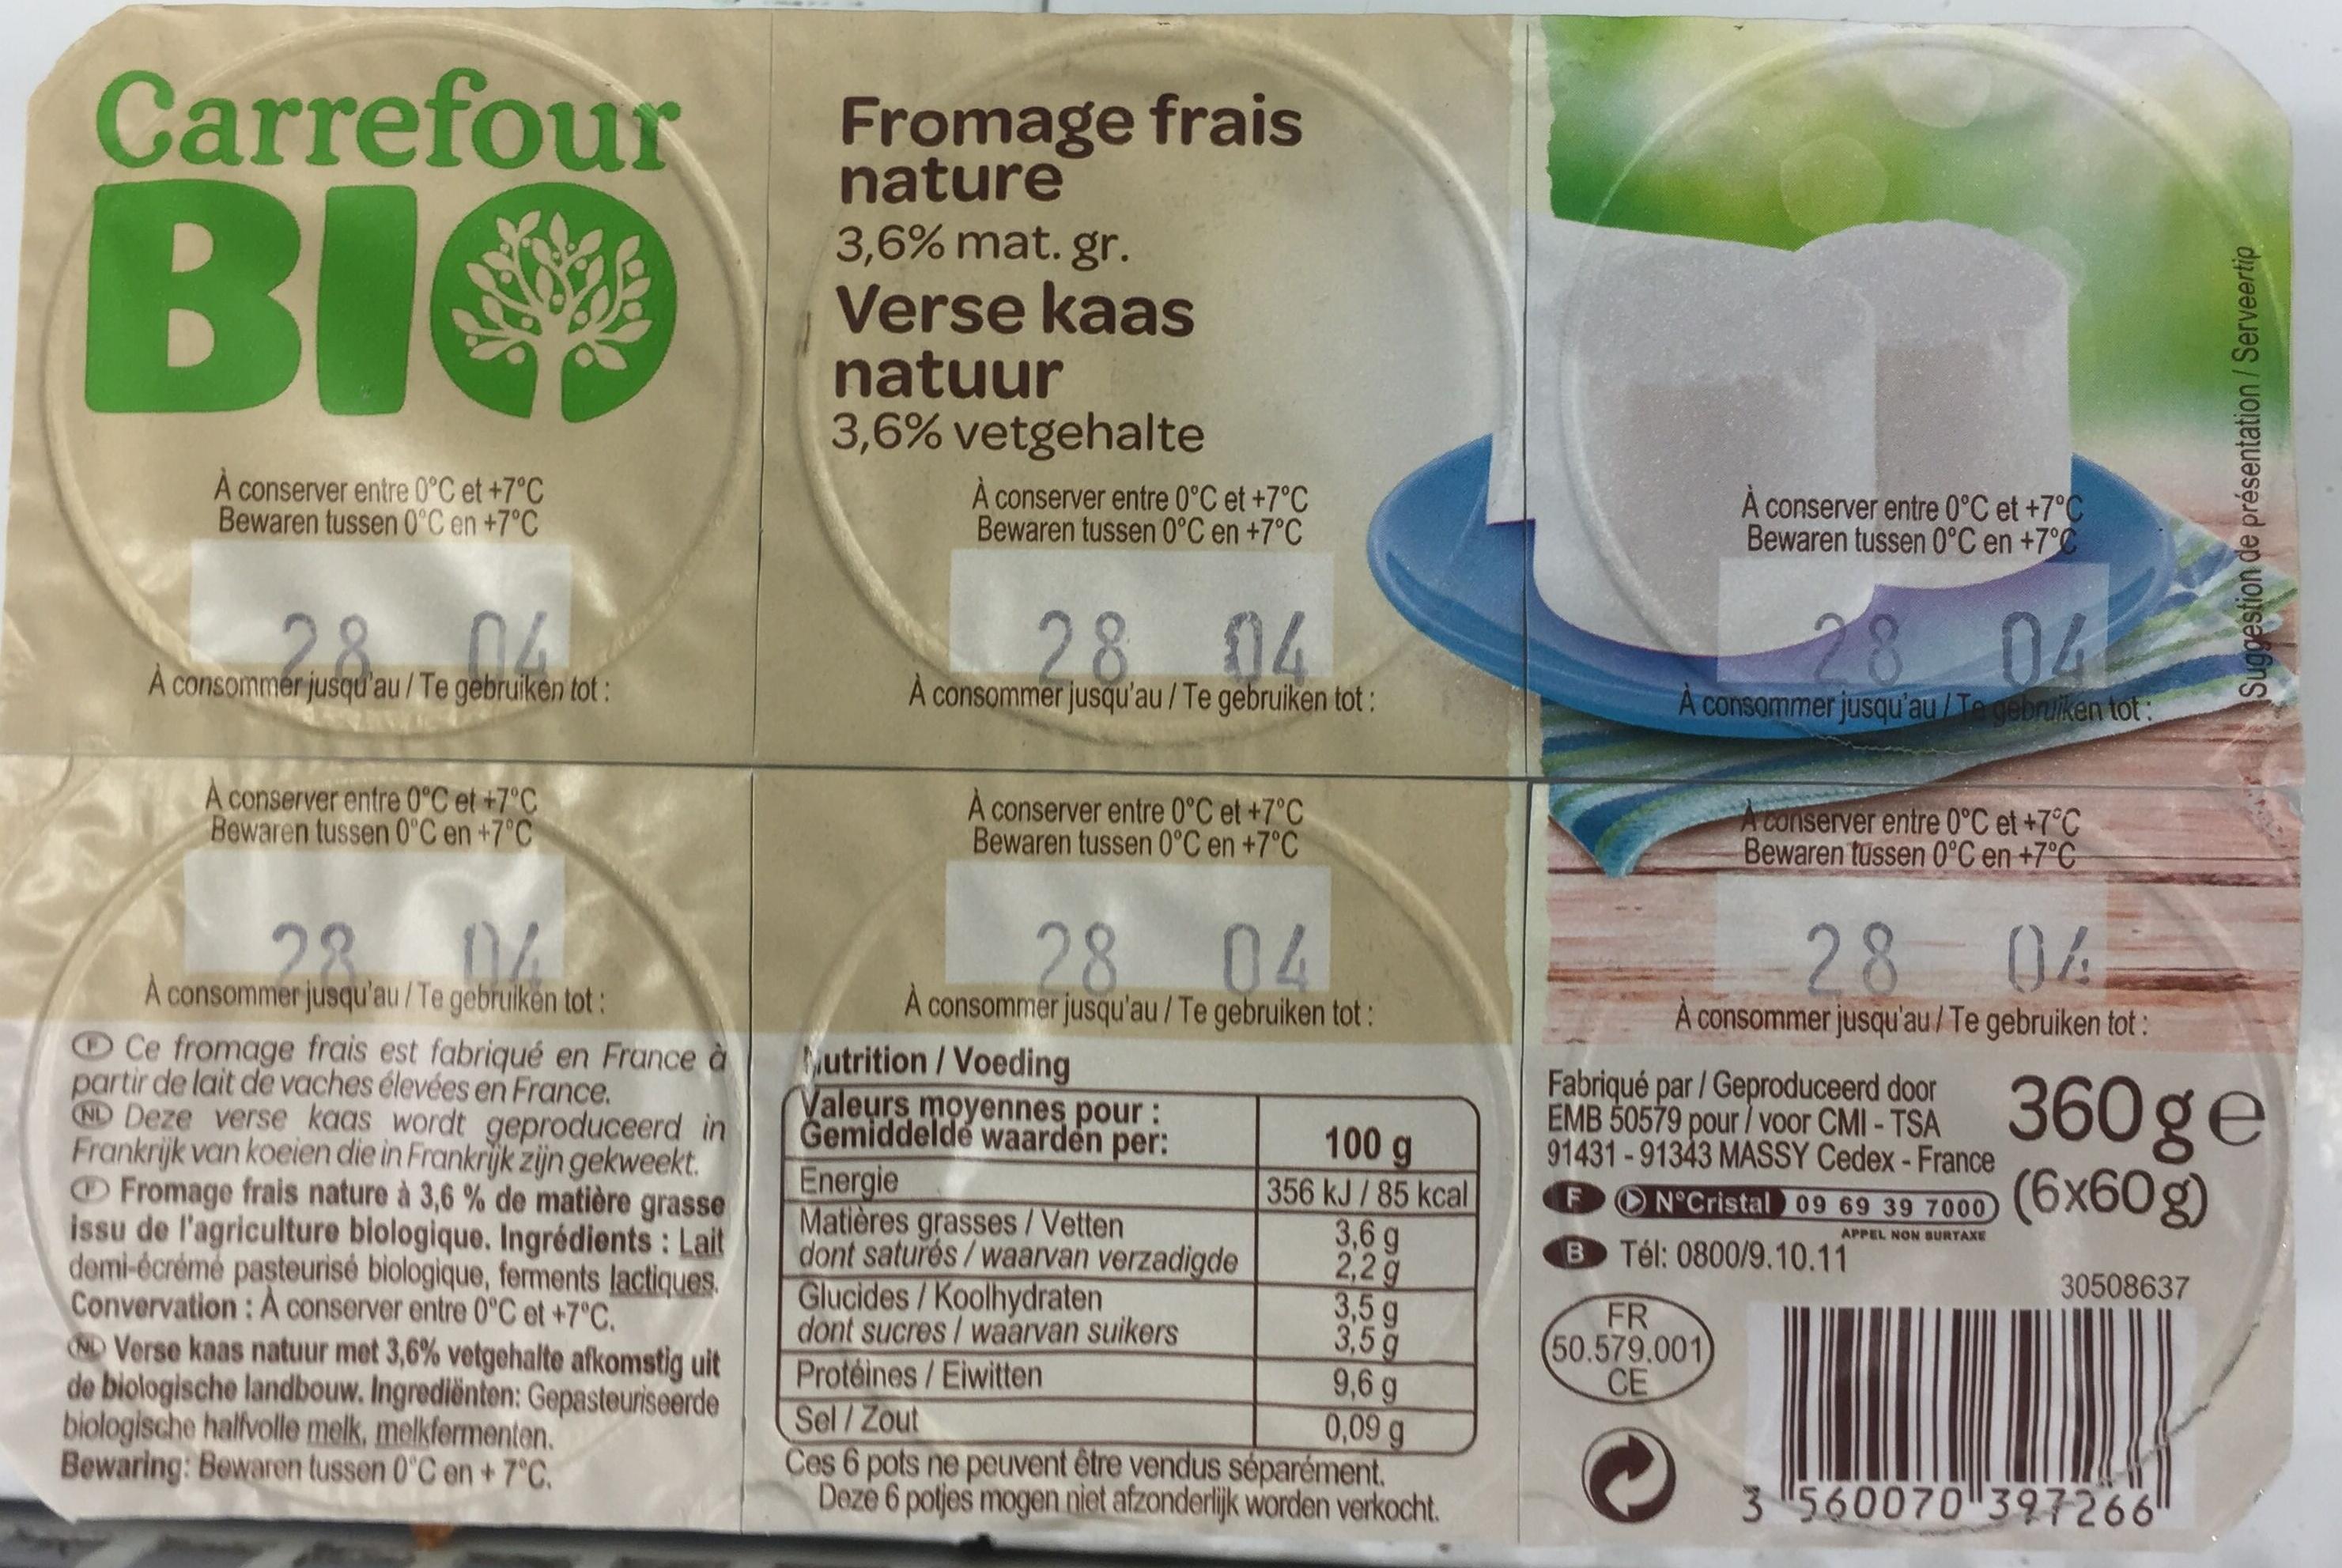 fromage frais carrefour